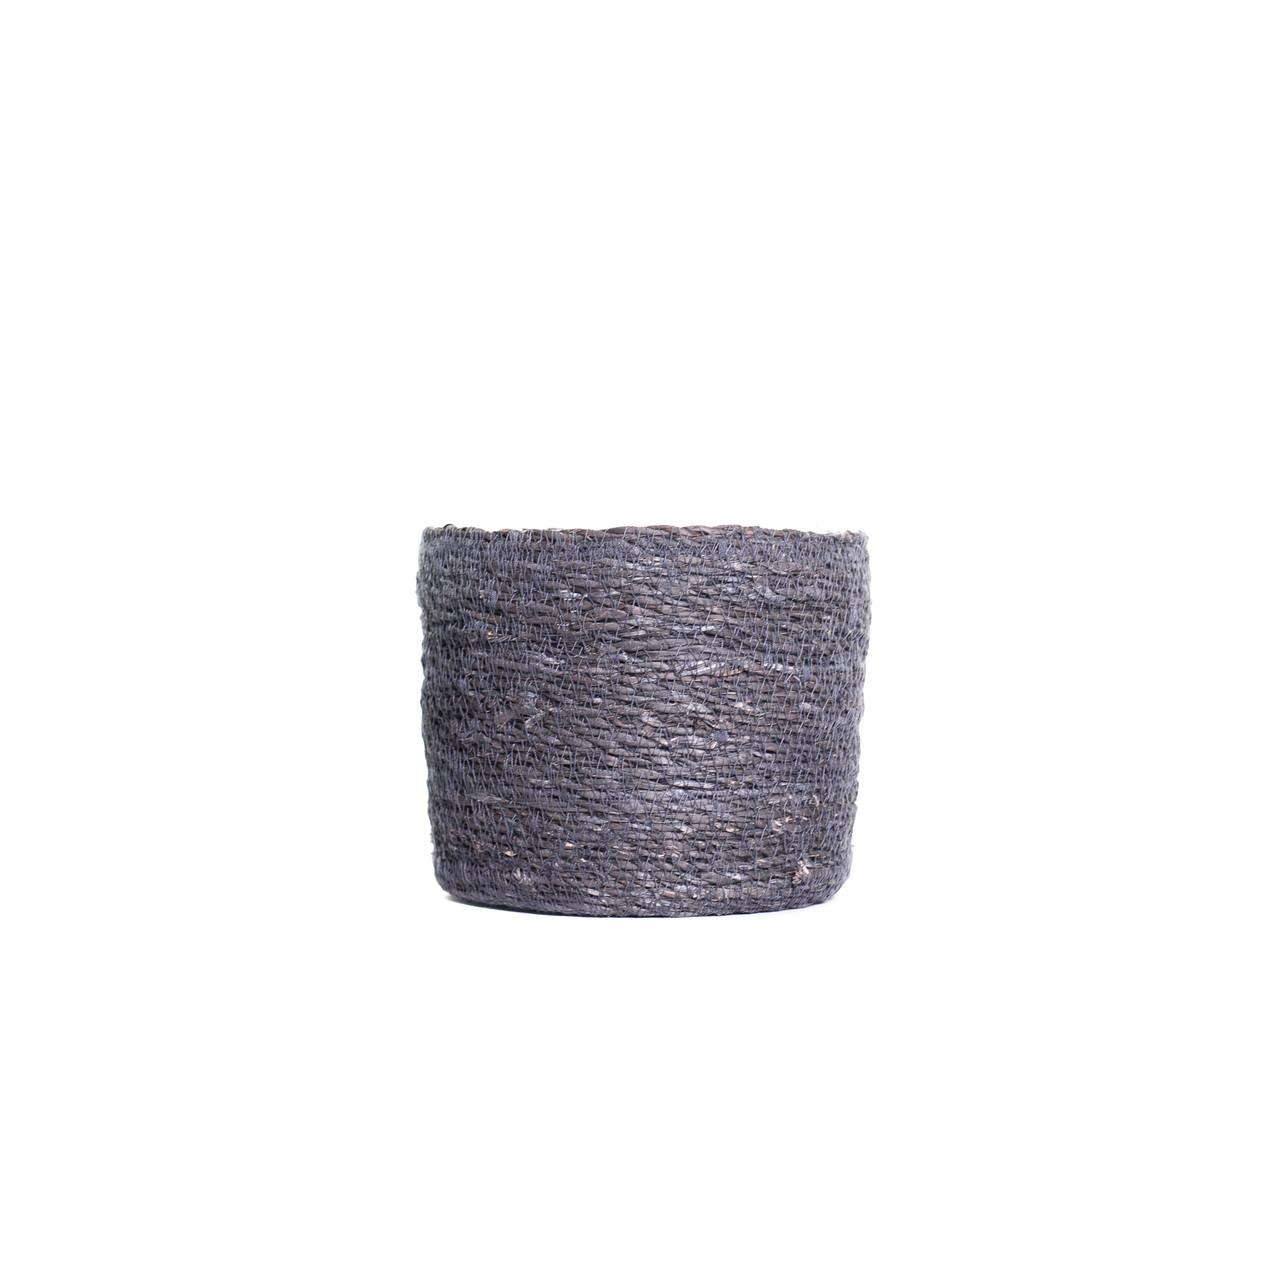 Pot naturel grijs D18 H15